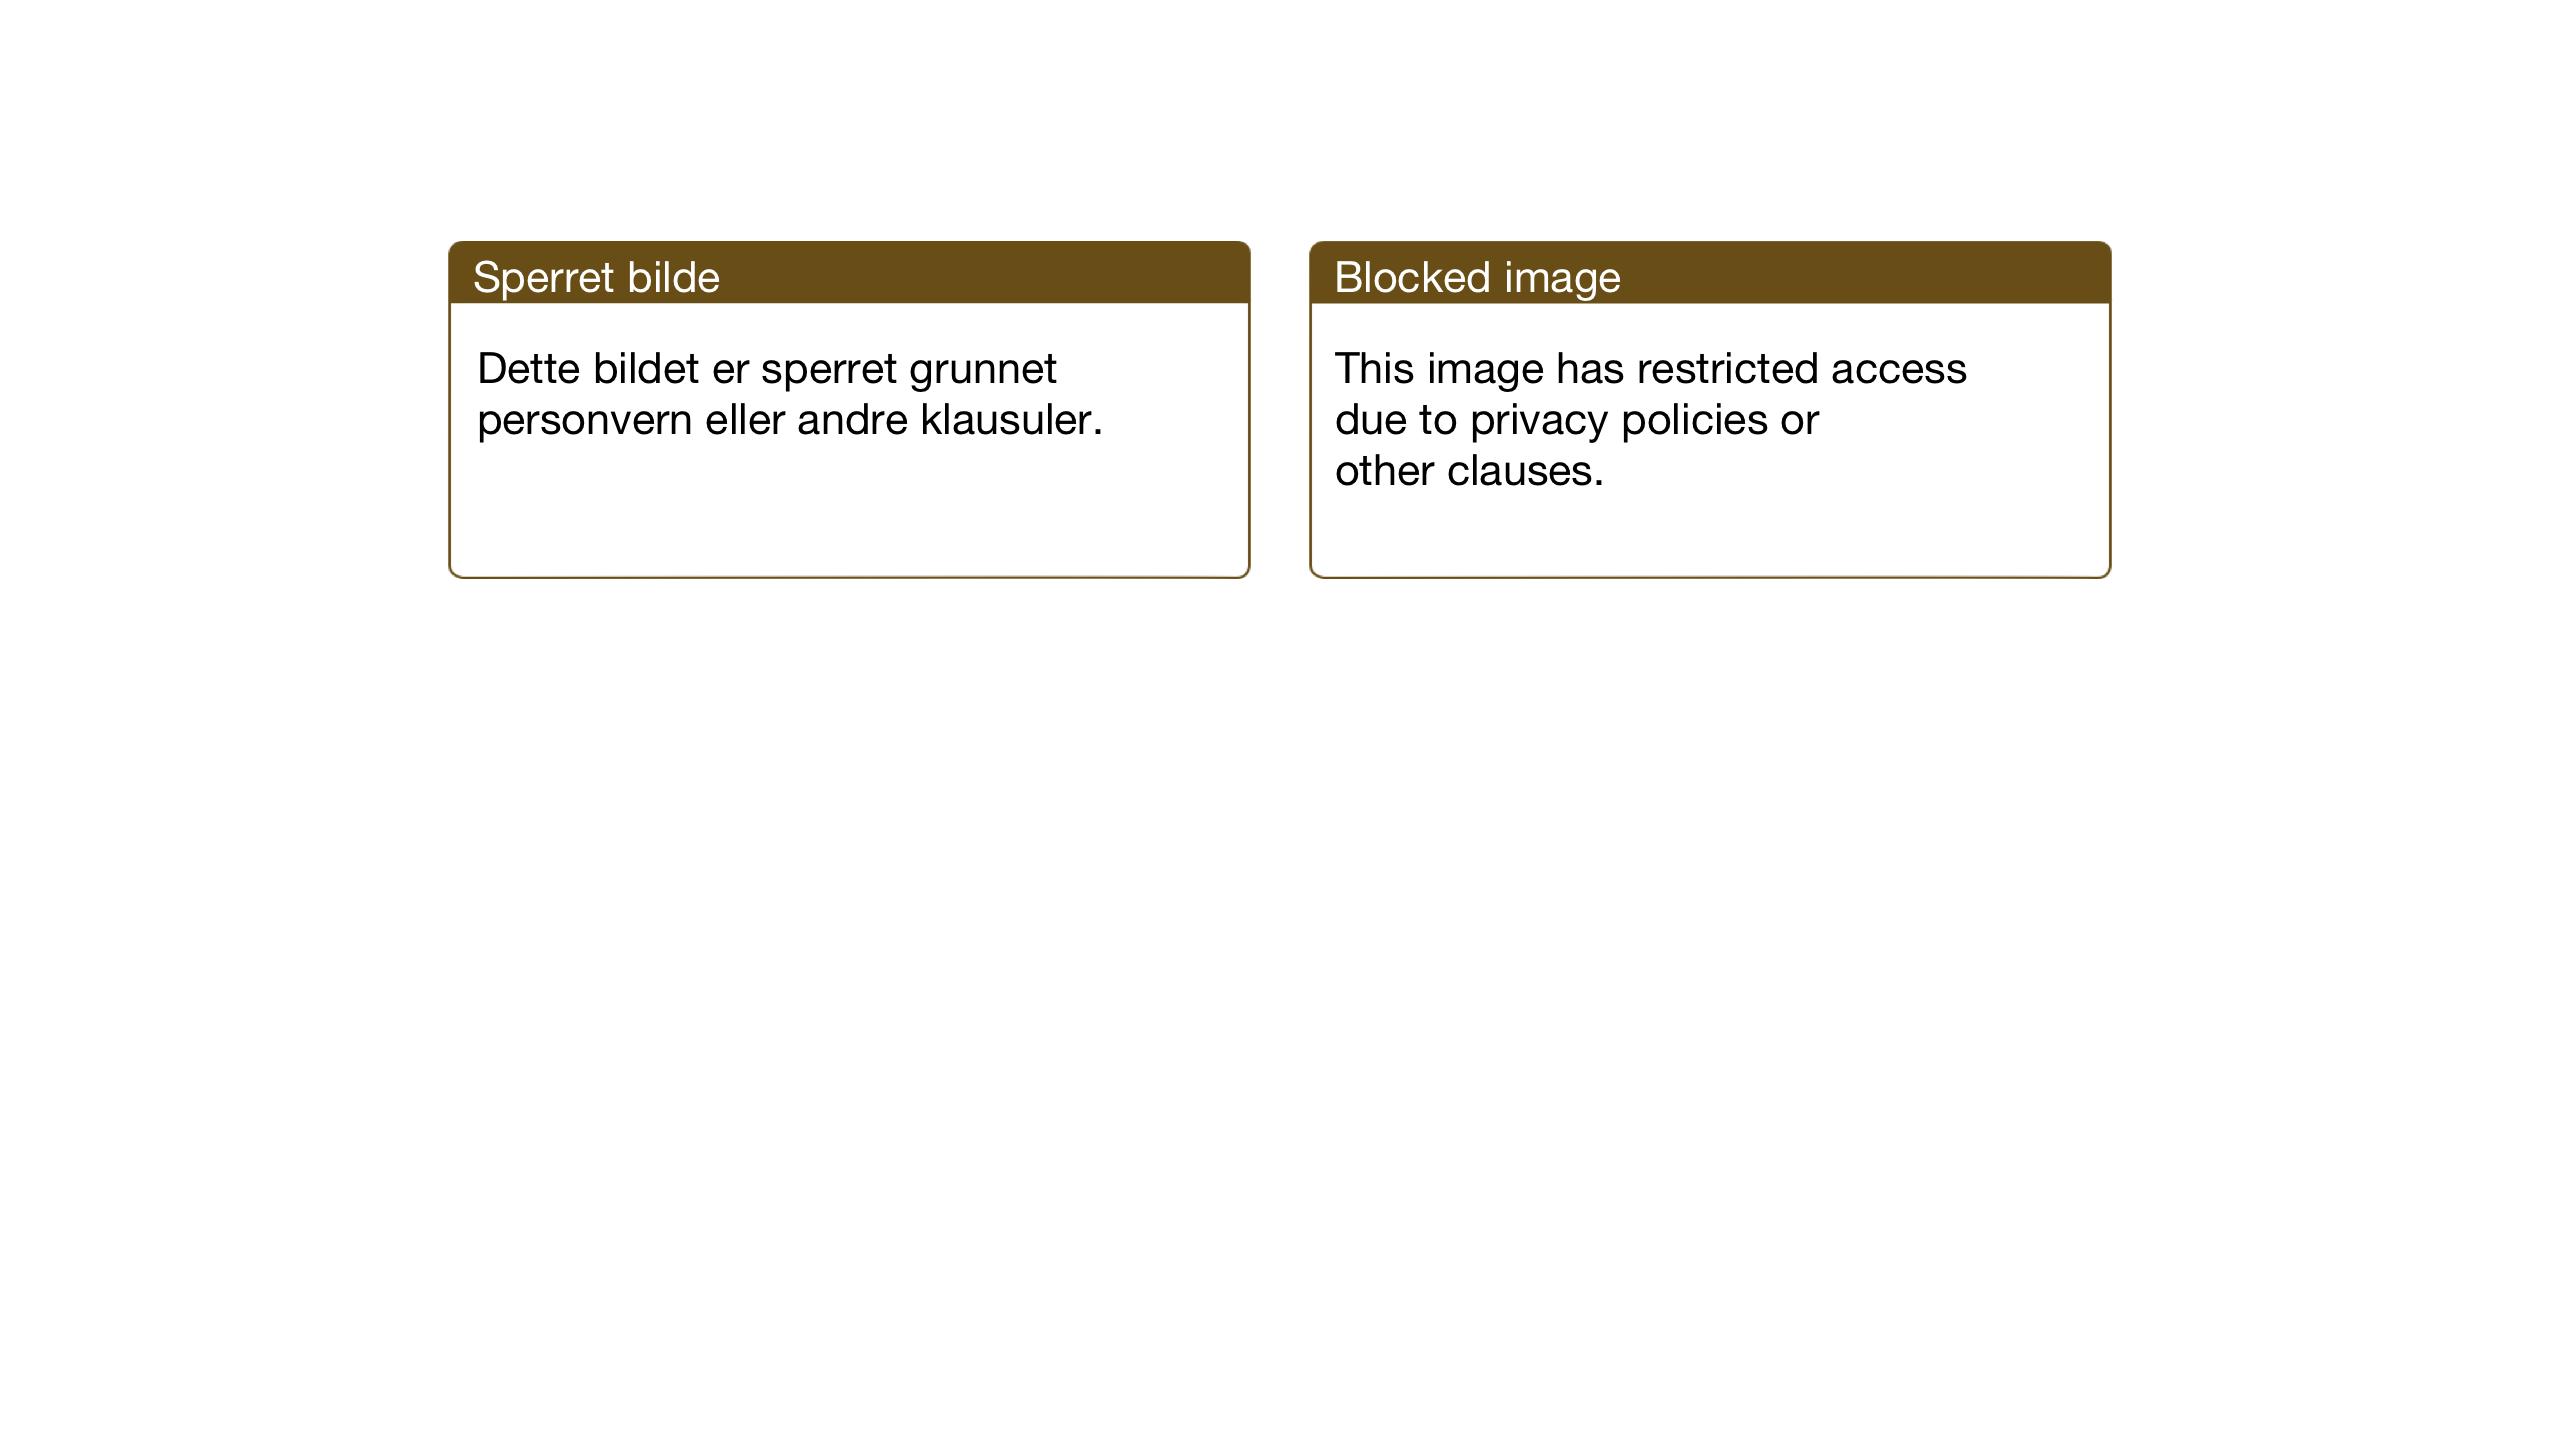 SAT, Ministerialprotokoller, klokkerbøker og fødselsregistre - Nord-Trøndelag, 701/L0019: Klokkerbok nr. 701C03, 1930-1953, s. 203